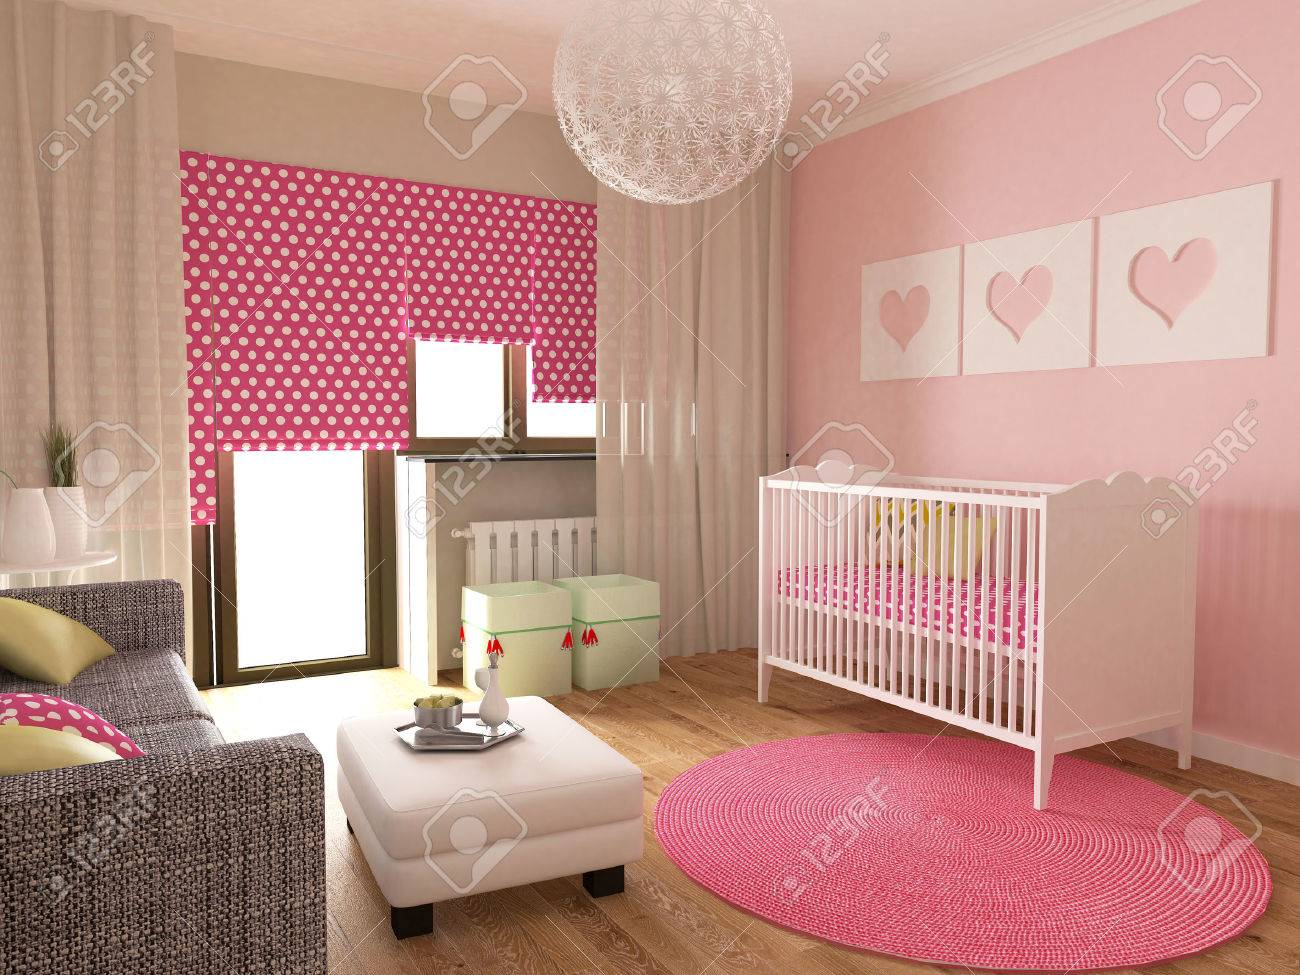 Babykamer interieur, 3d renderen royalty vrije foto, plaatjes ...